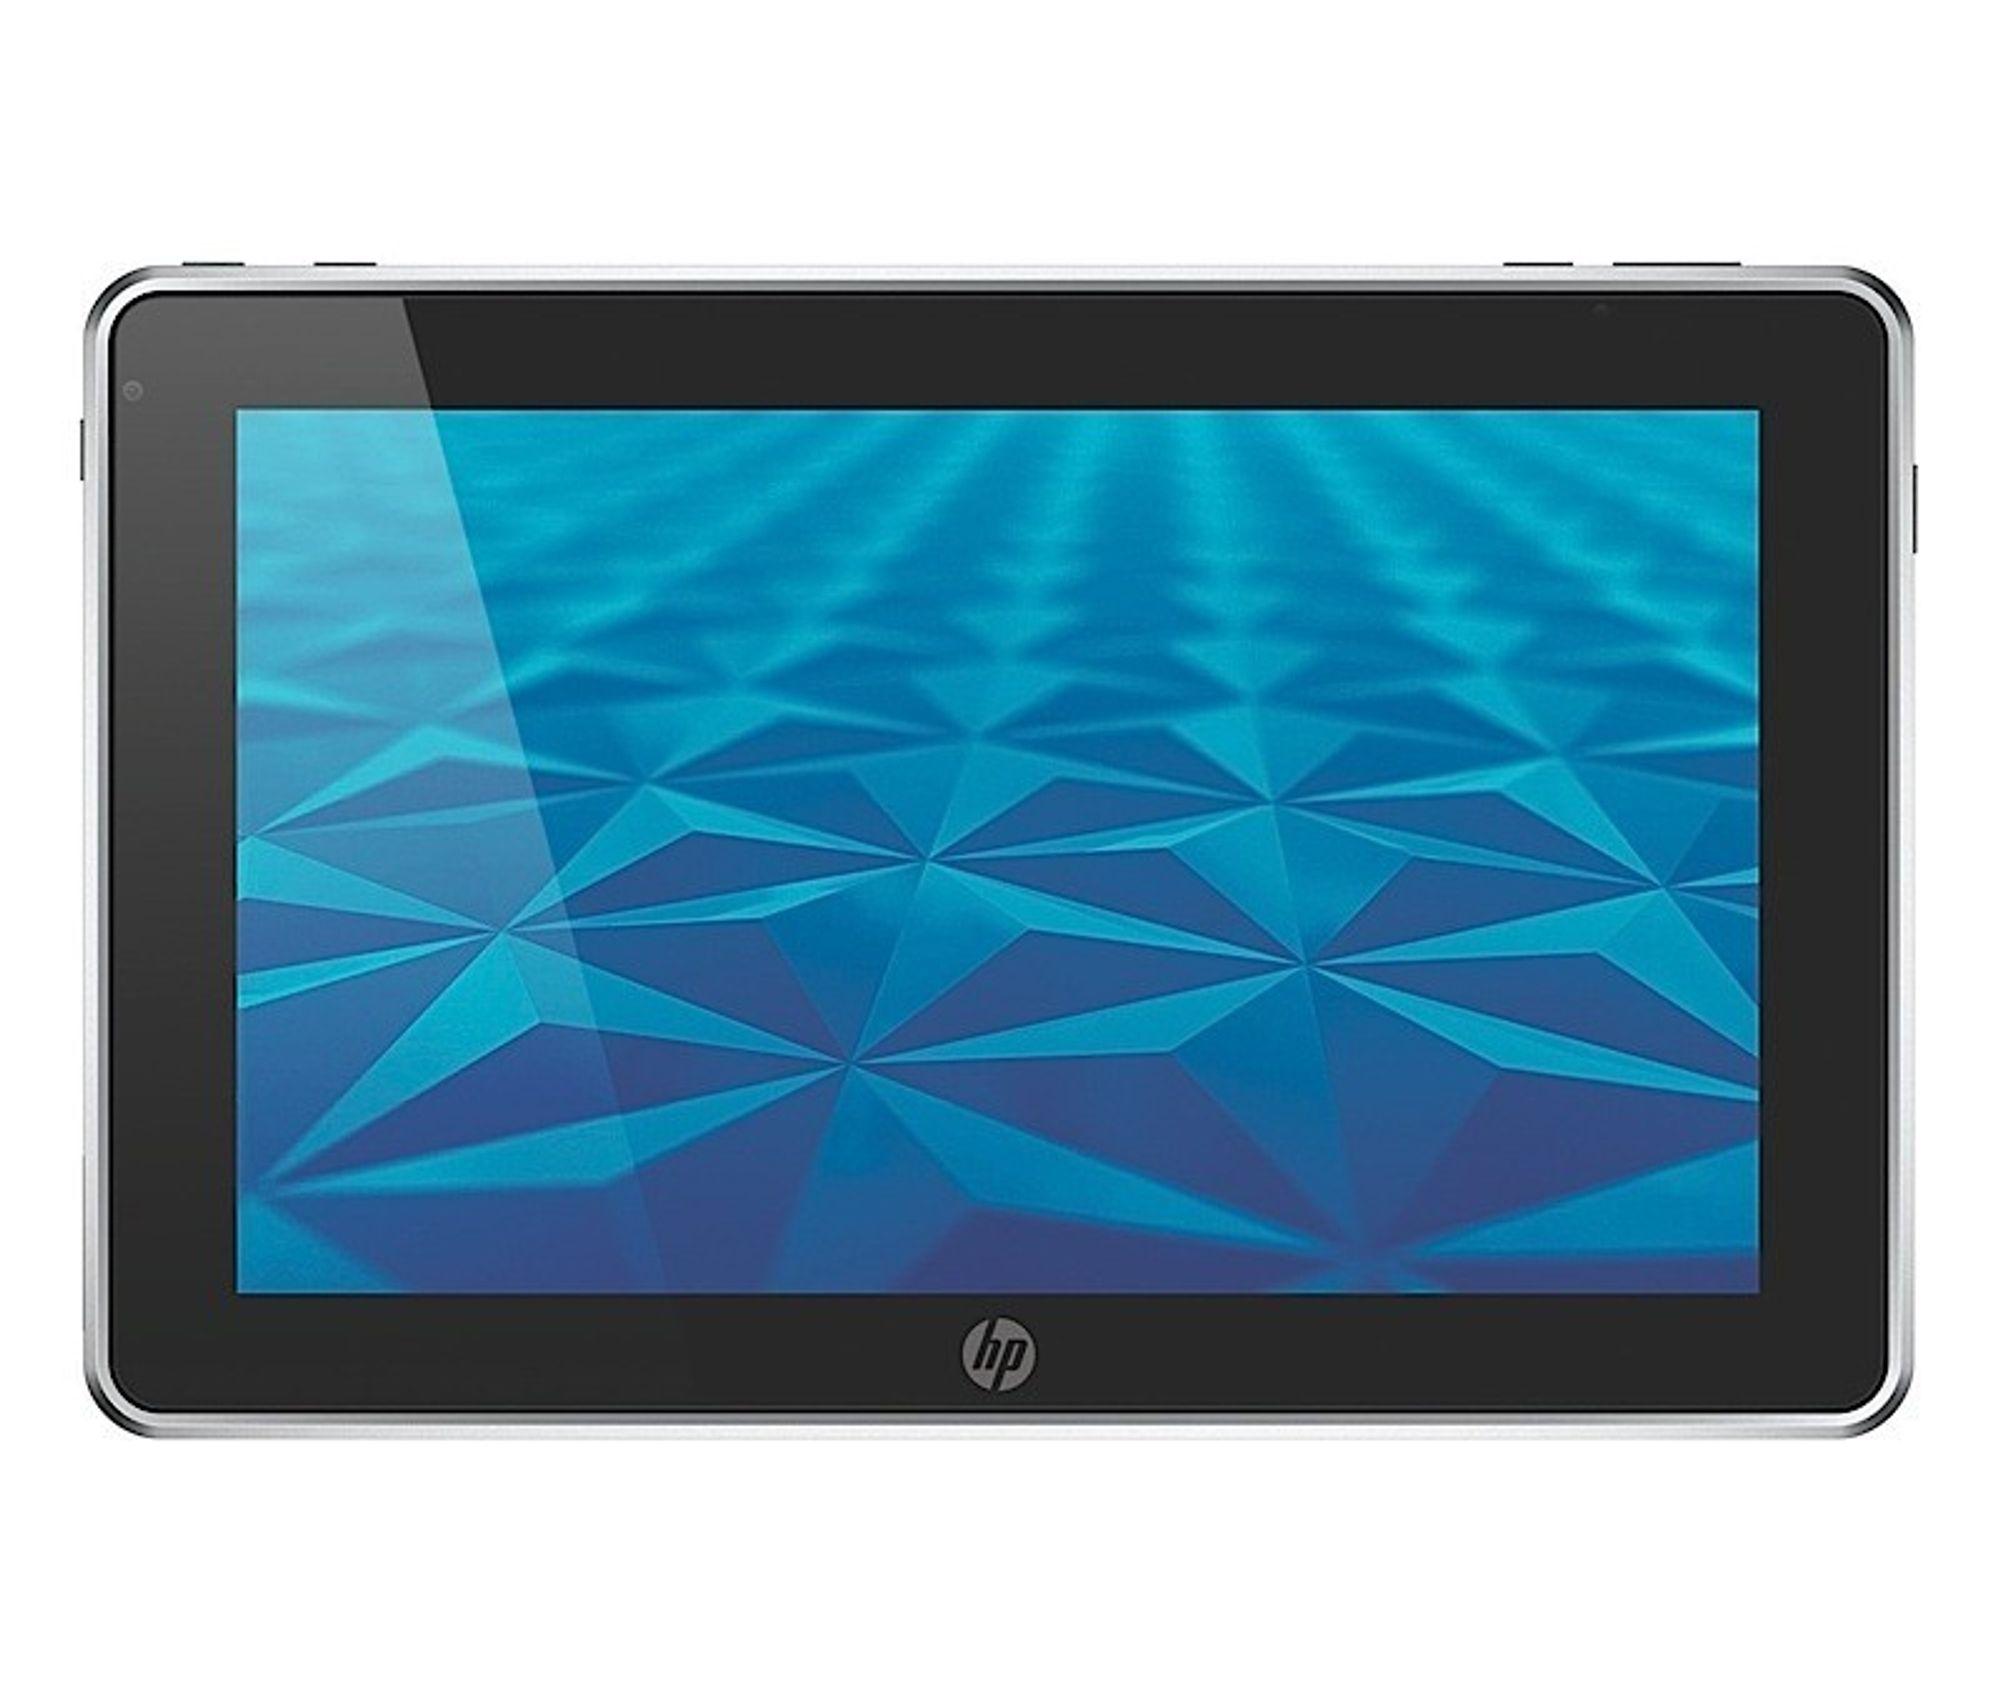 HP Slate er et nettbrett på 8,9 tommer ment for businessmarkedet.